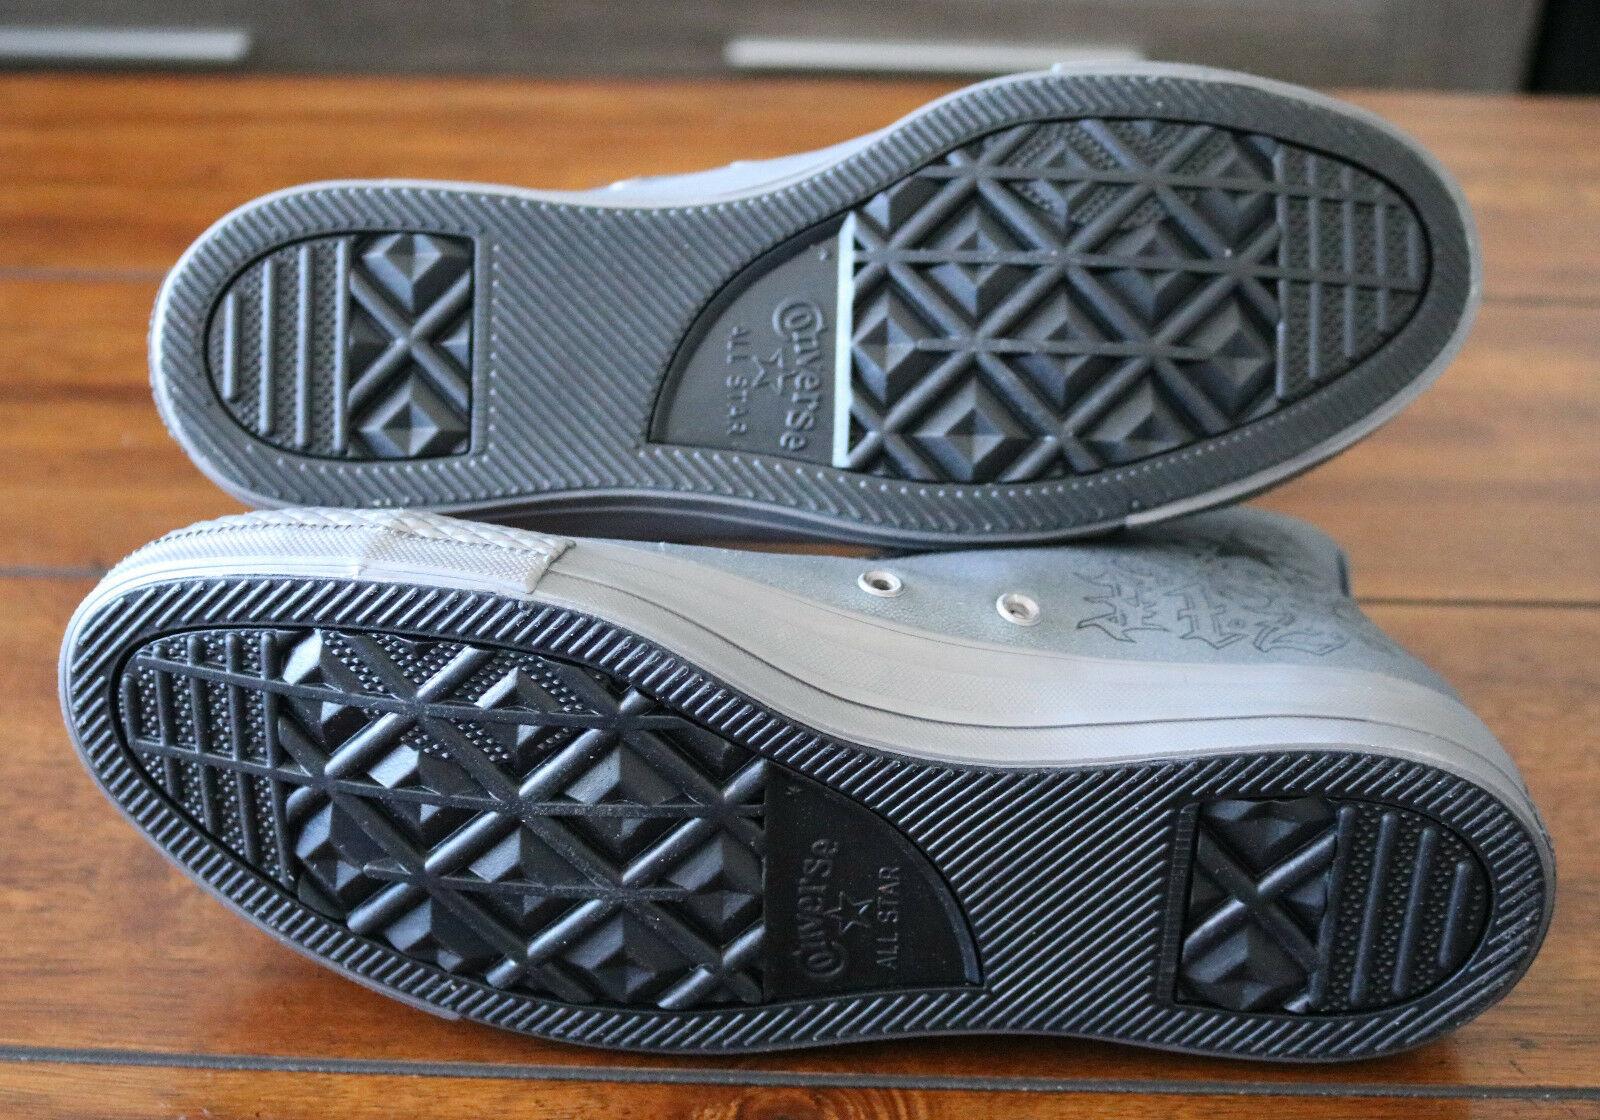 Converse Men's CTAS HI Gunmetal Chi City Chicago Sizes US 8 - 9 156456C Unisex